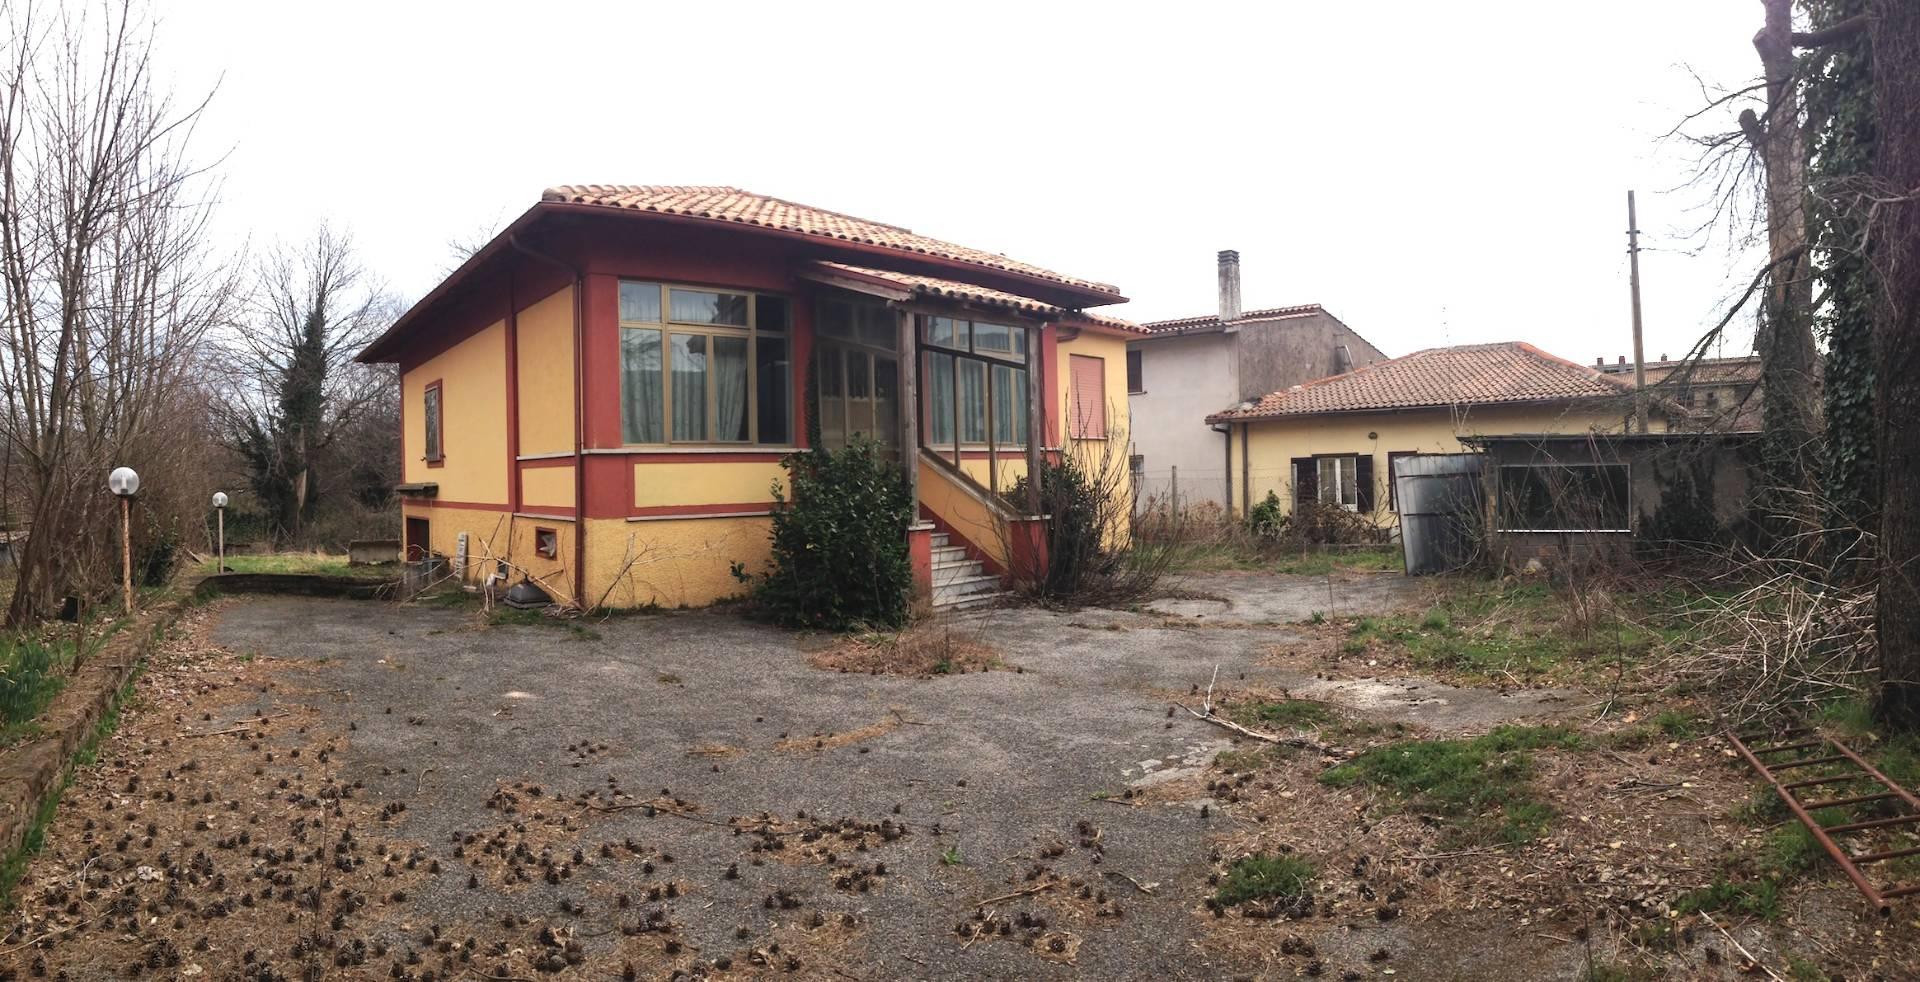 Villa in vendita a Rocca di Papa, 3 locali, zona Zona: Vivaro, prezzo € 99.000   CambioCasa.it